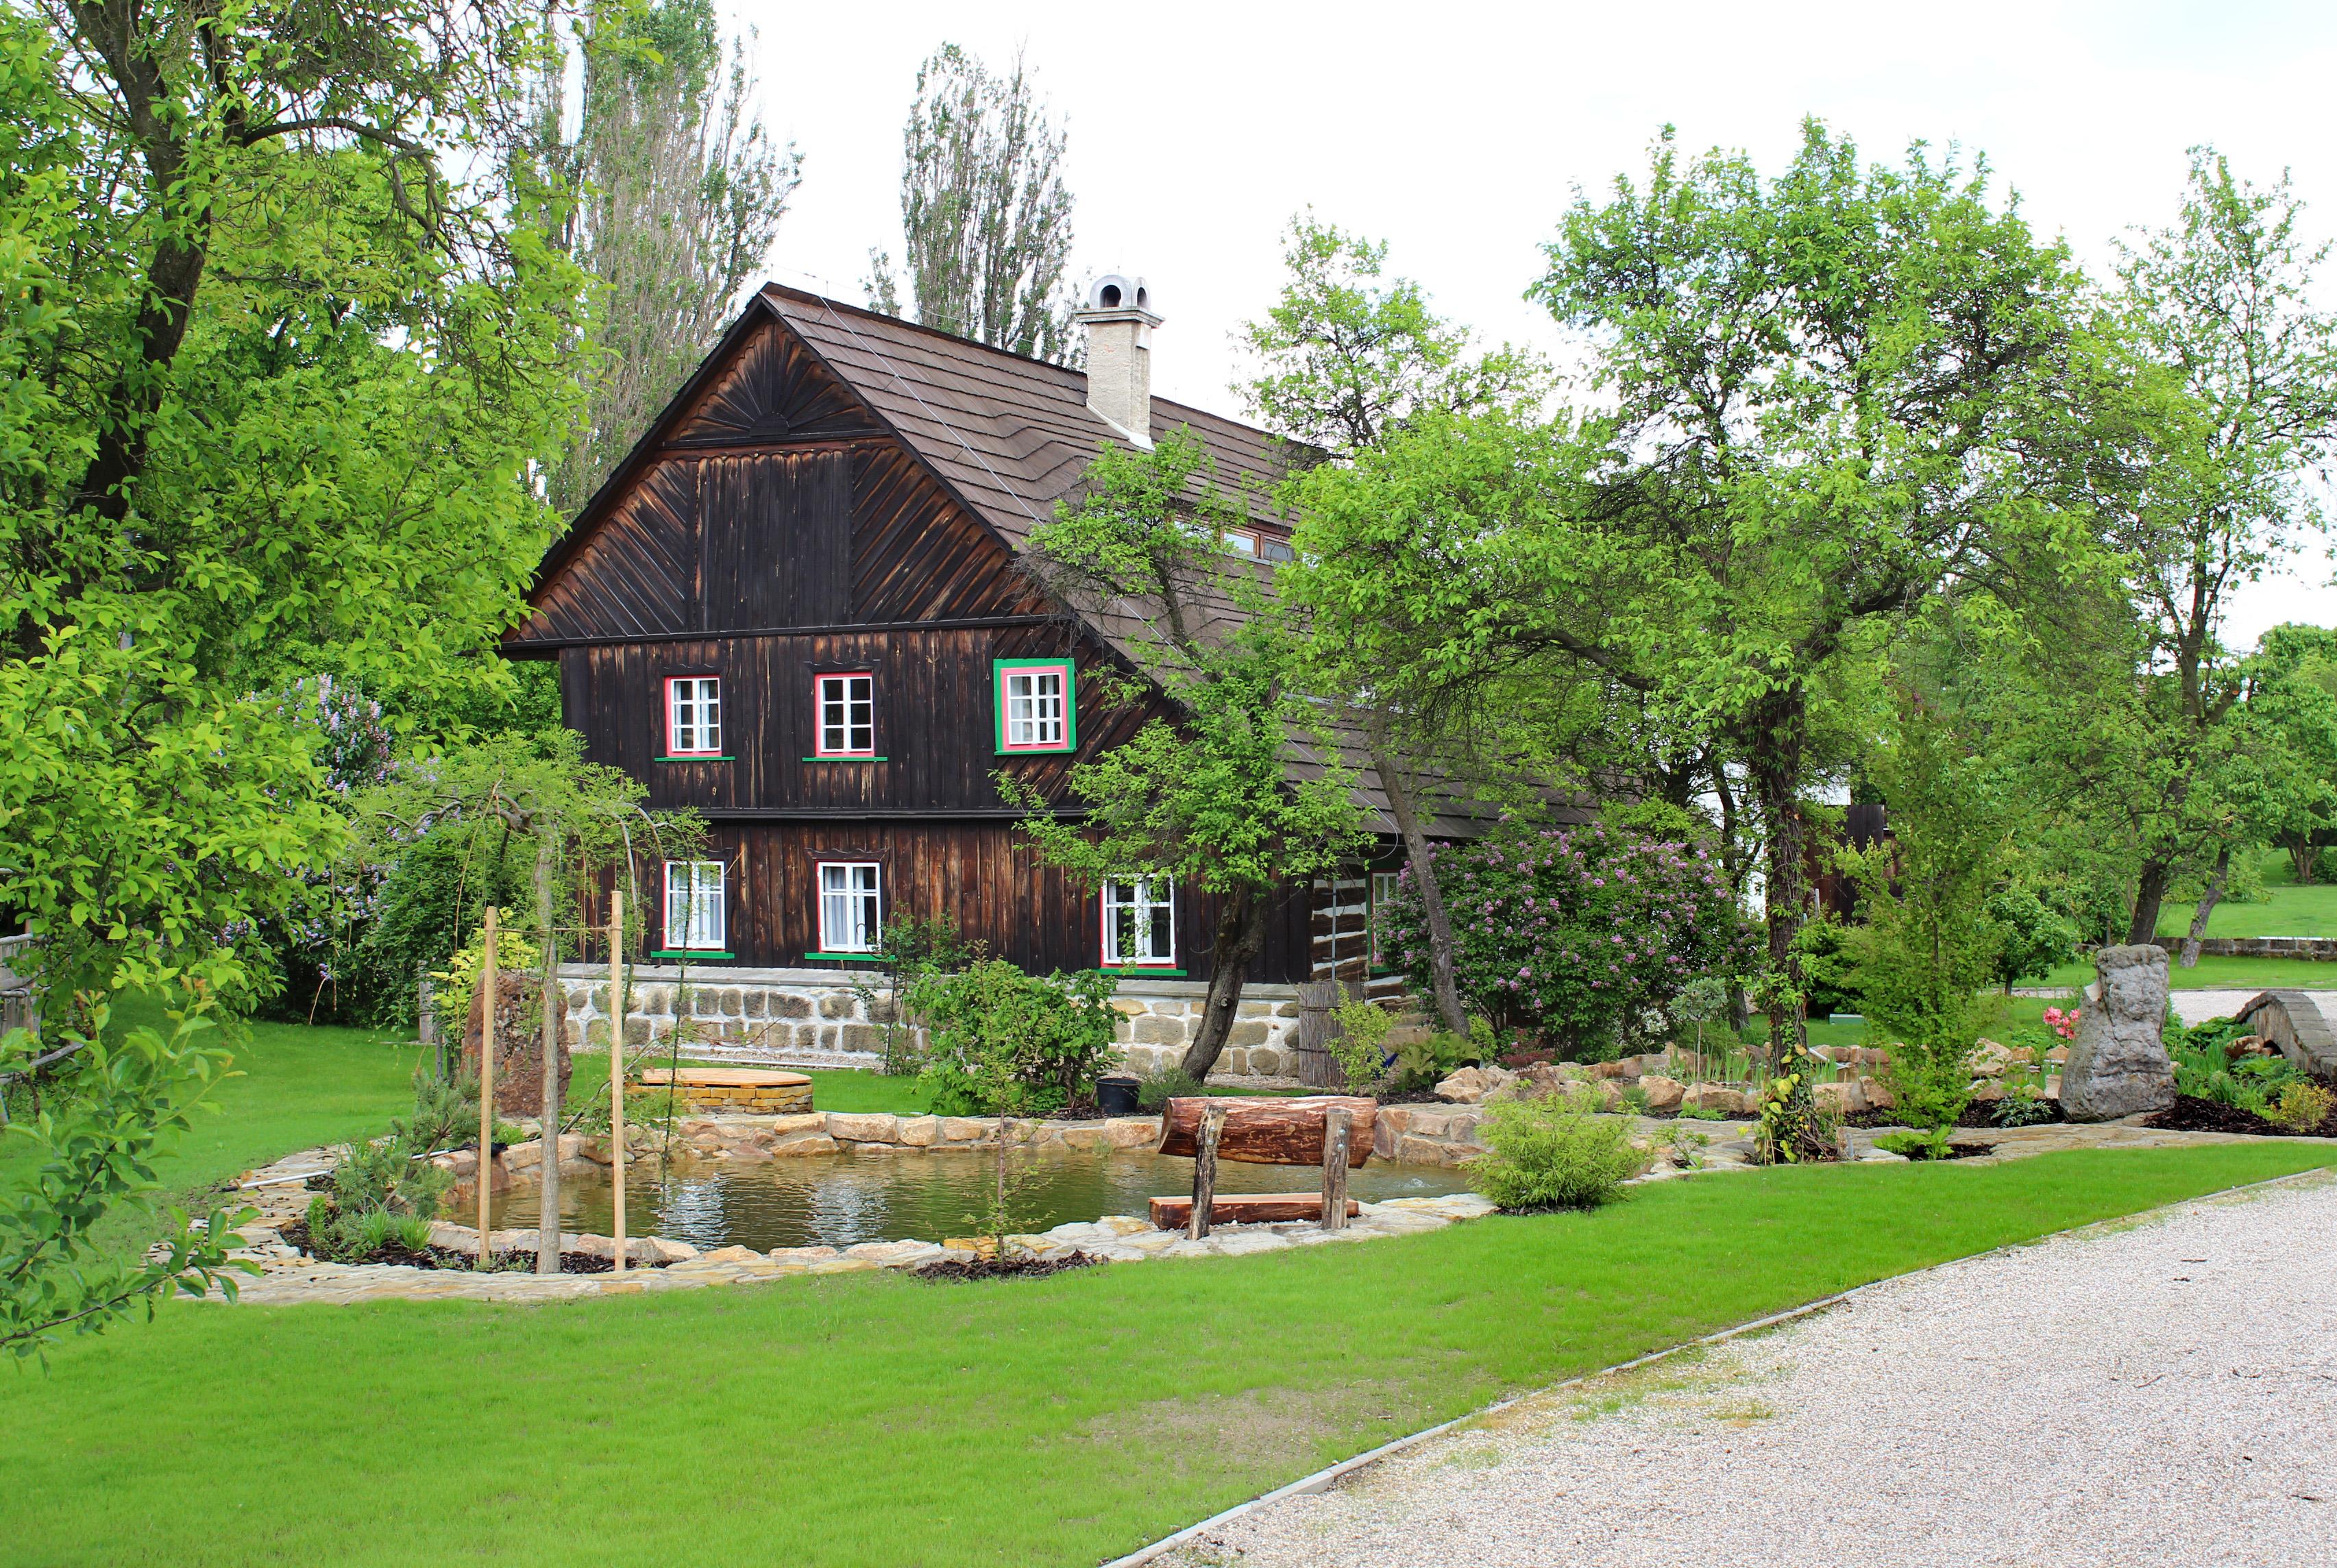 Wood House : File:Dobřeň, Střezivojice, wood house.jpg - Wikimedia Commons